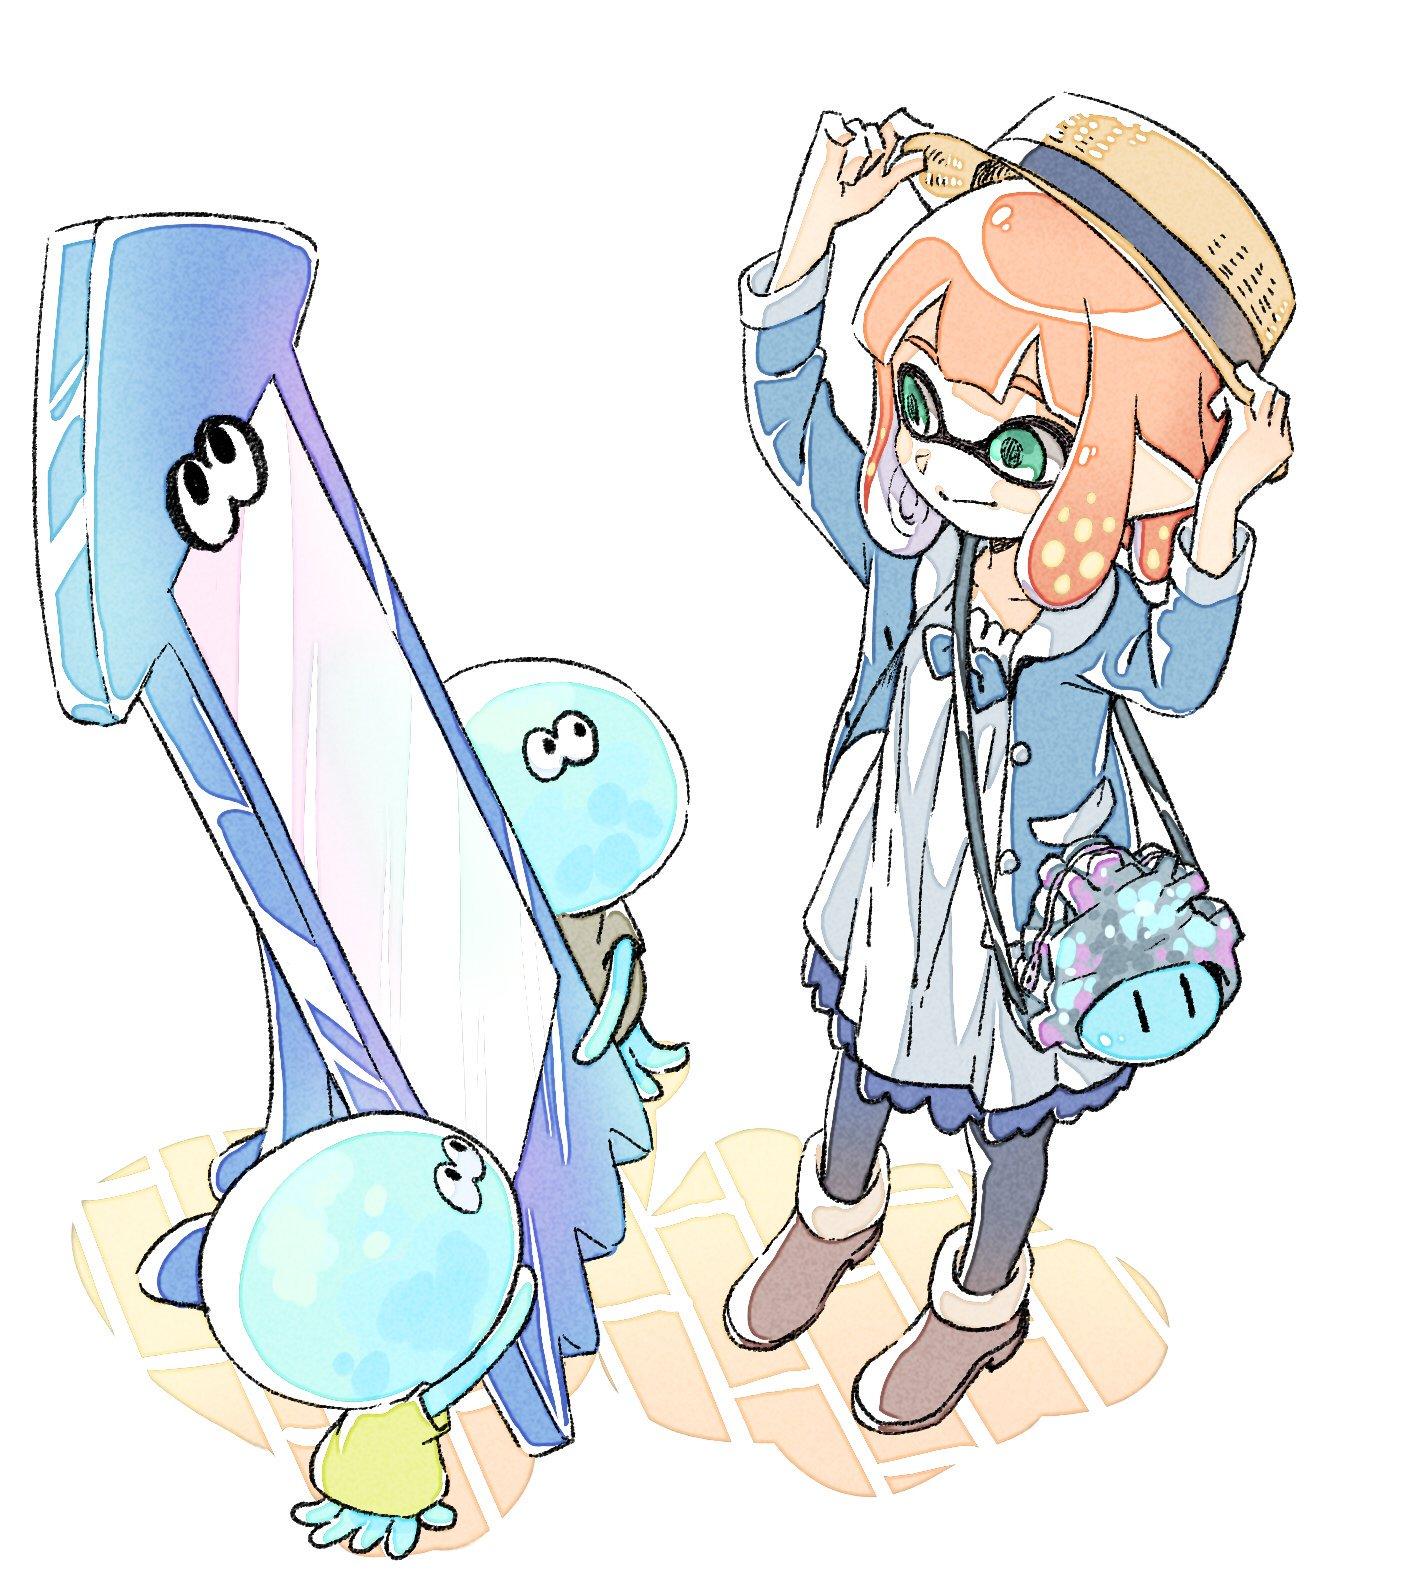 Splatoon Image 2111175 Zerochan Anime Image Board